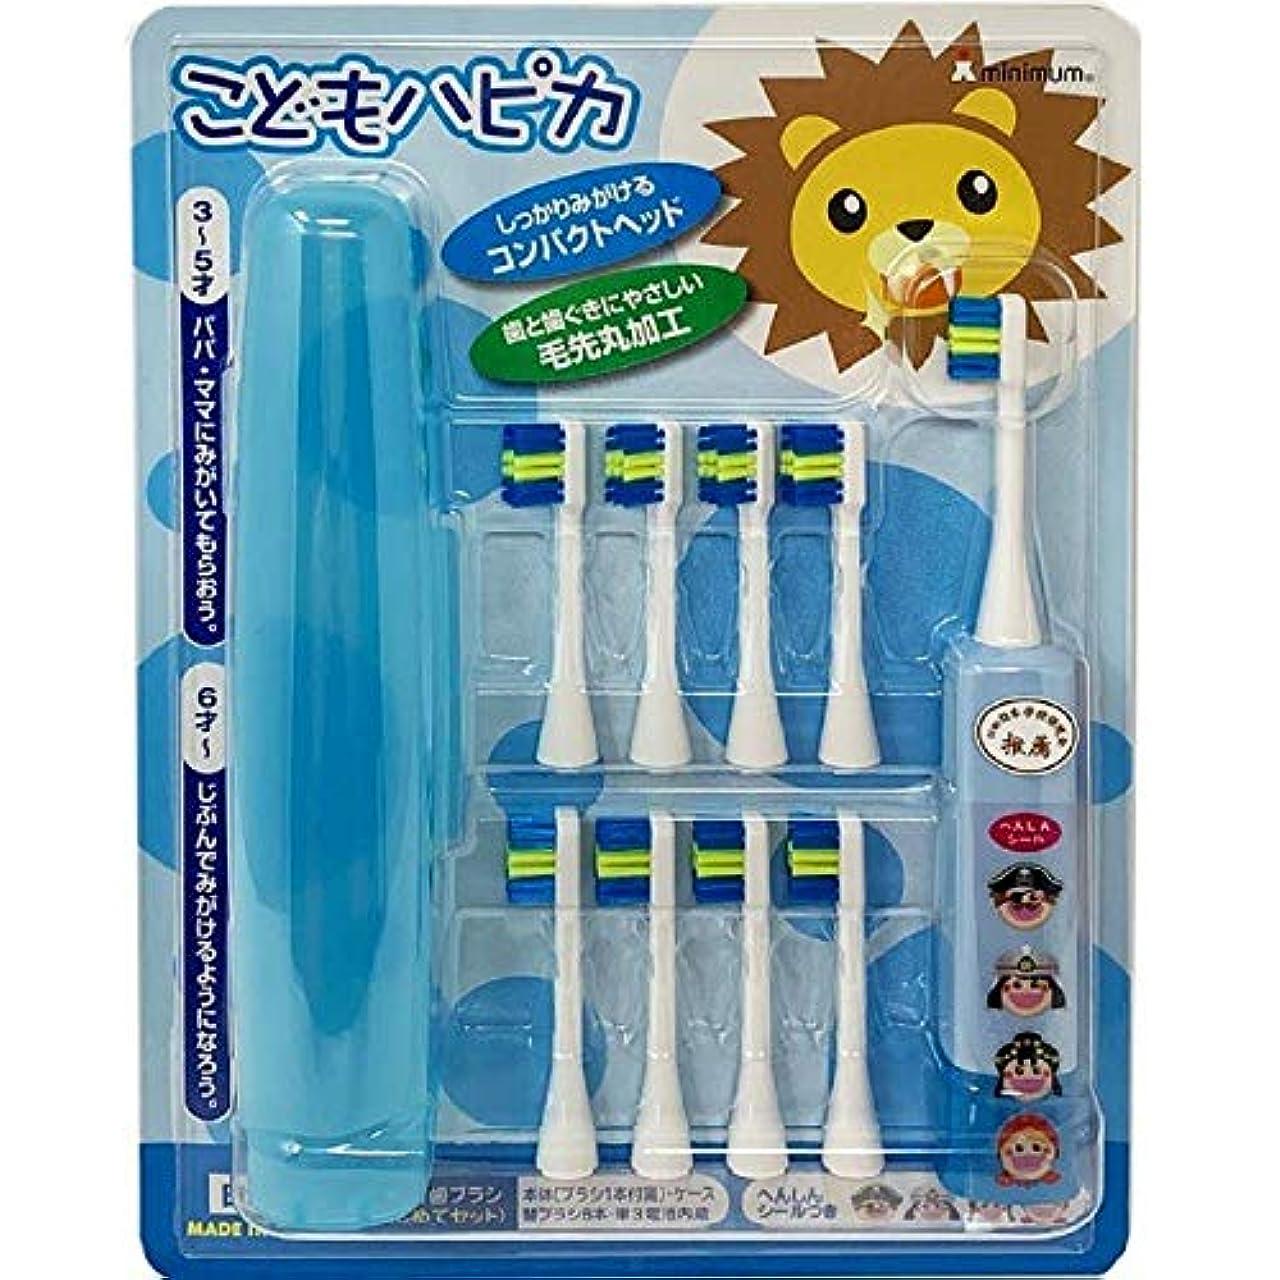 コマンド邪魔する規制こどもハピカ電動歯ブラシセット (ブルー)